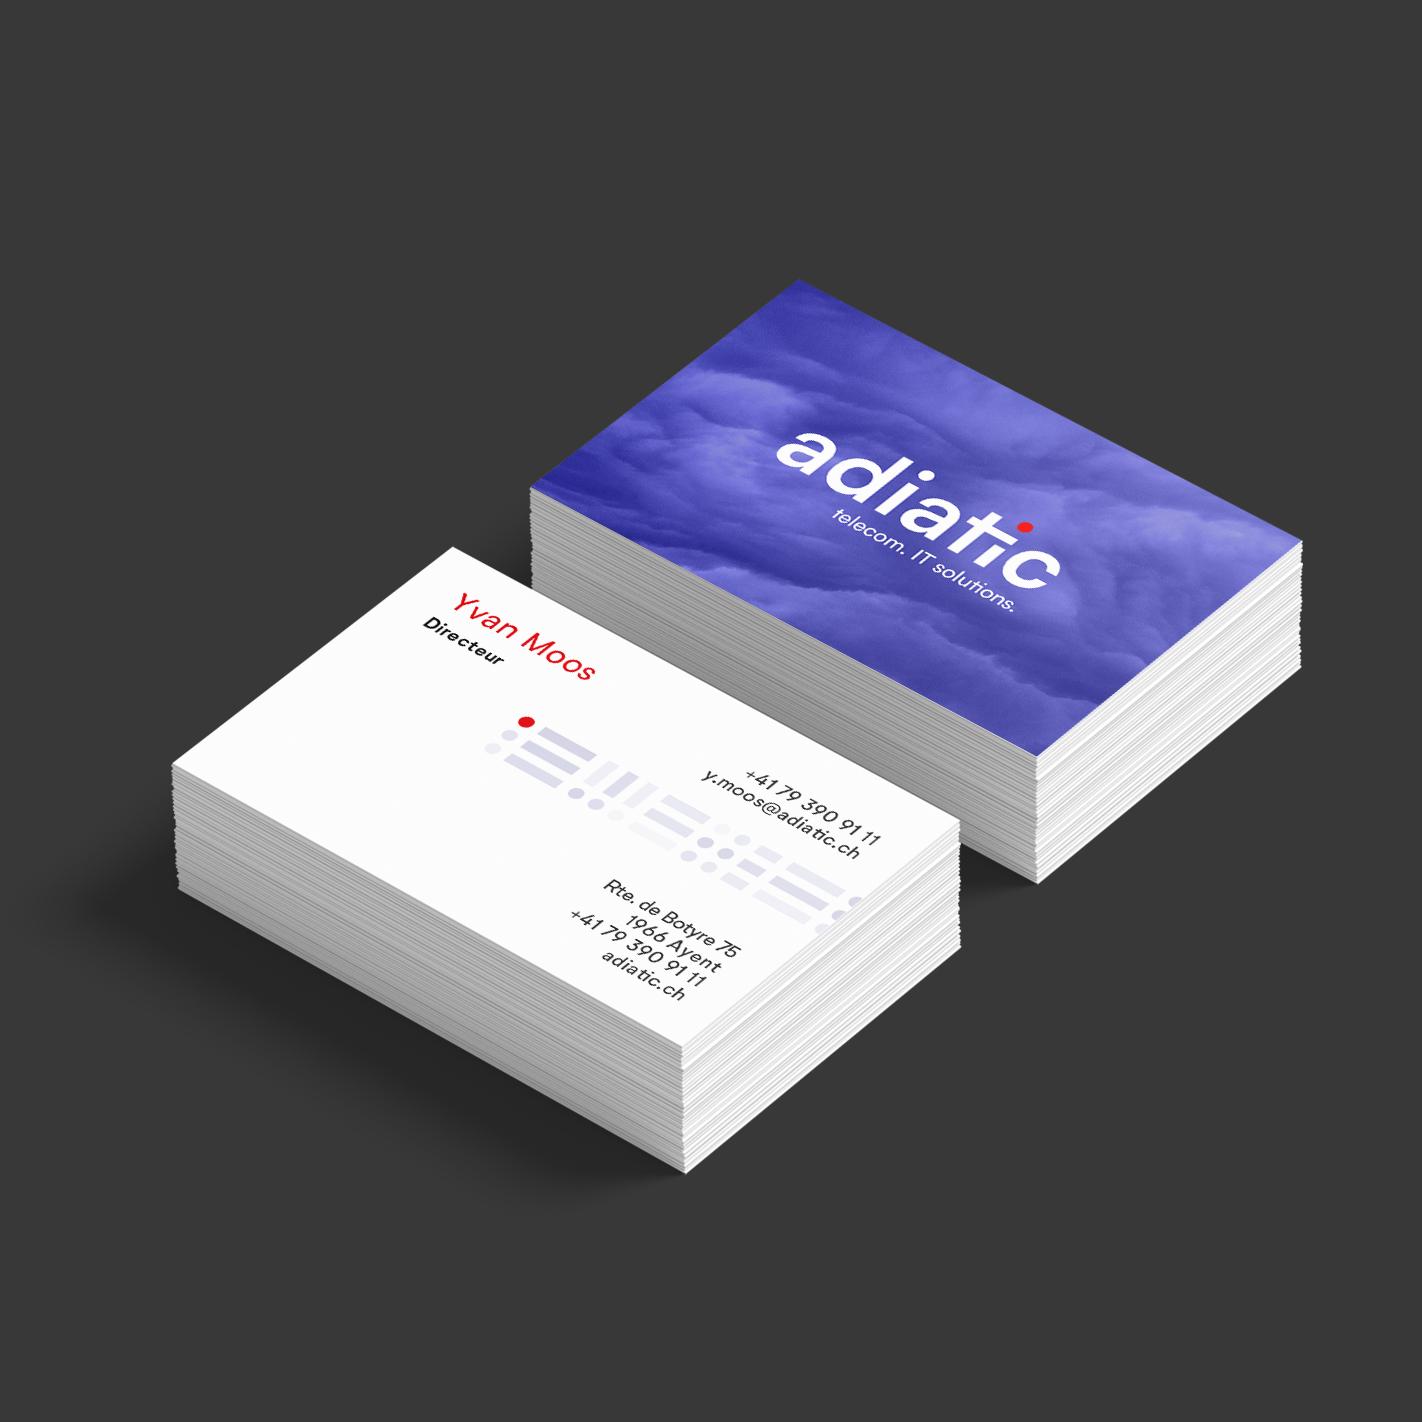 Adiatic_03-2